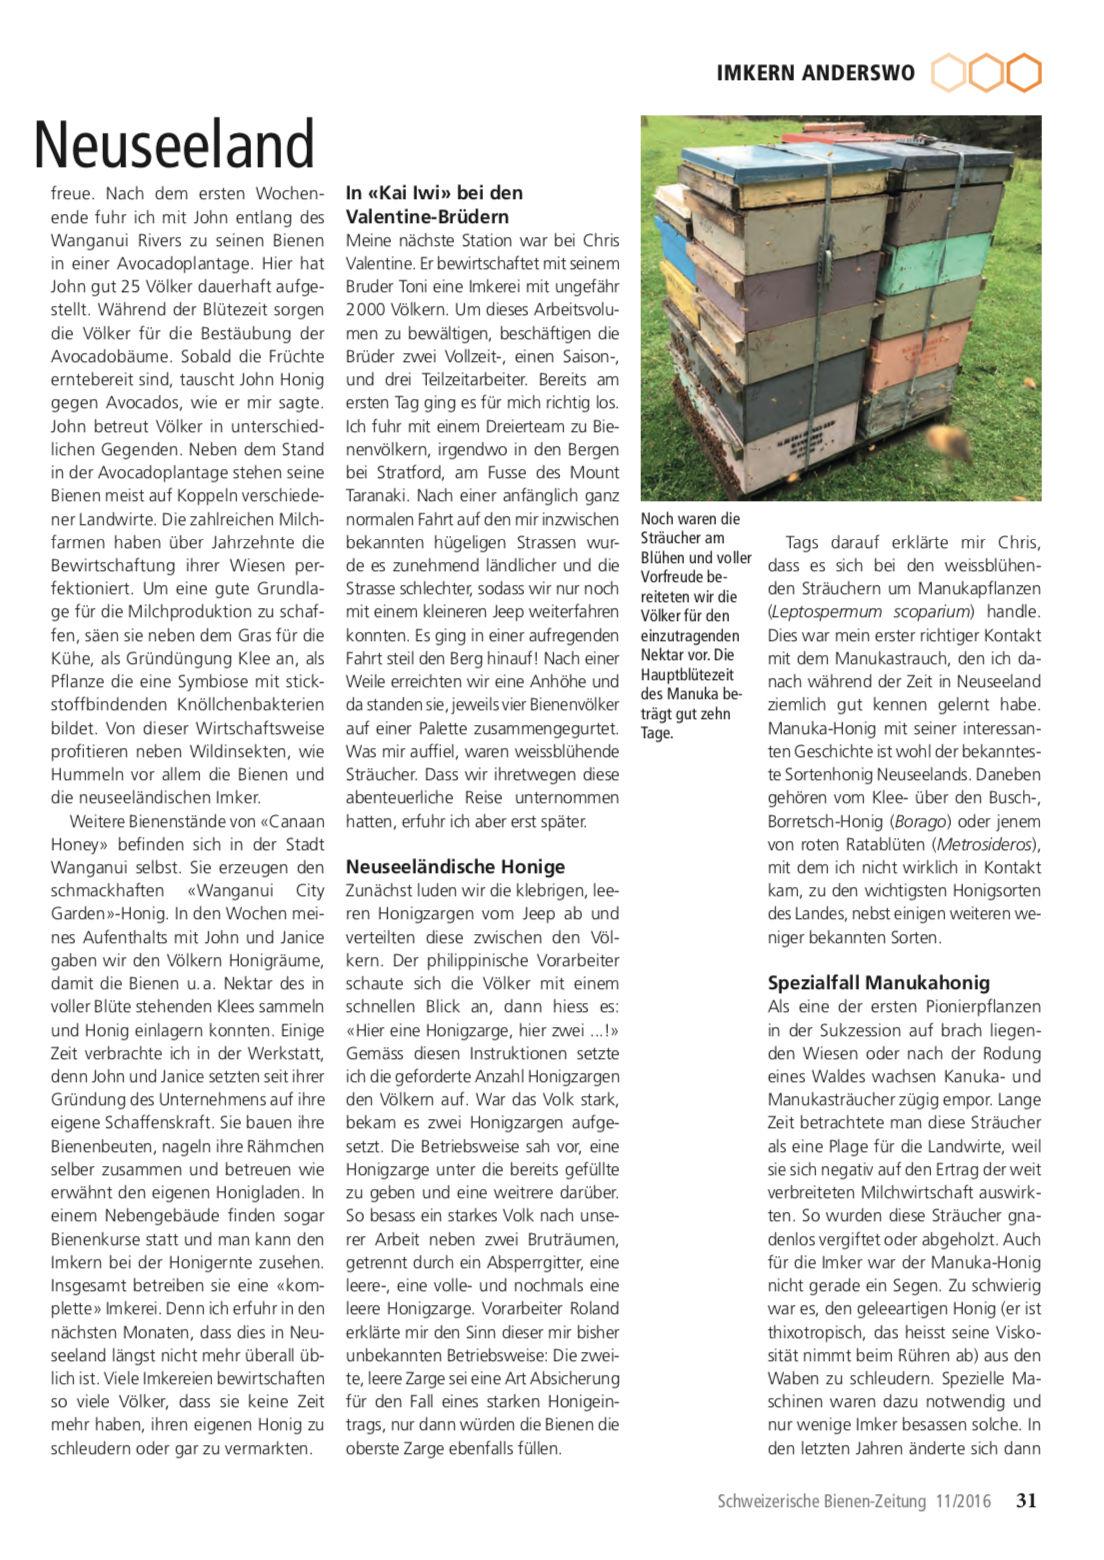 Artikel Imker auf Weltreise-zweite Station: Neuseeland Seite 2 Schweizerische Bienenzeitung Felix Mrowka